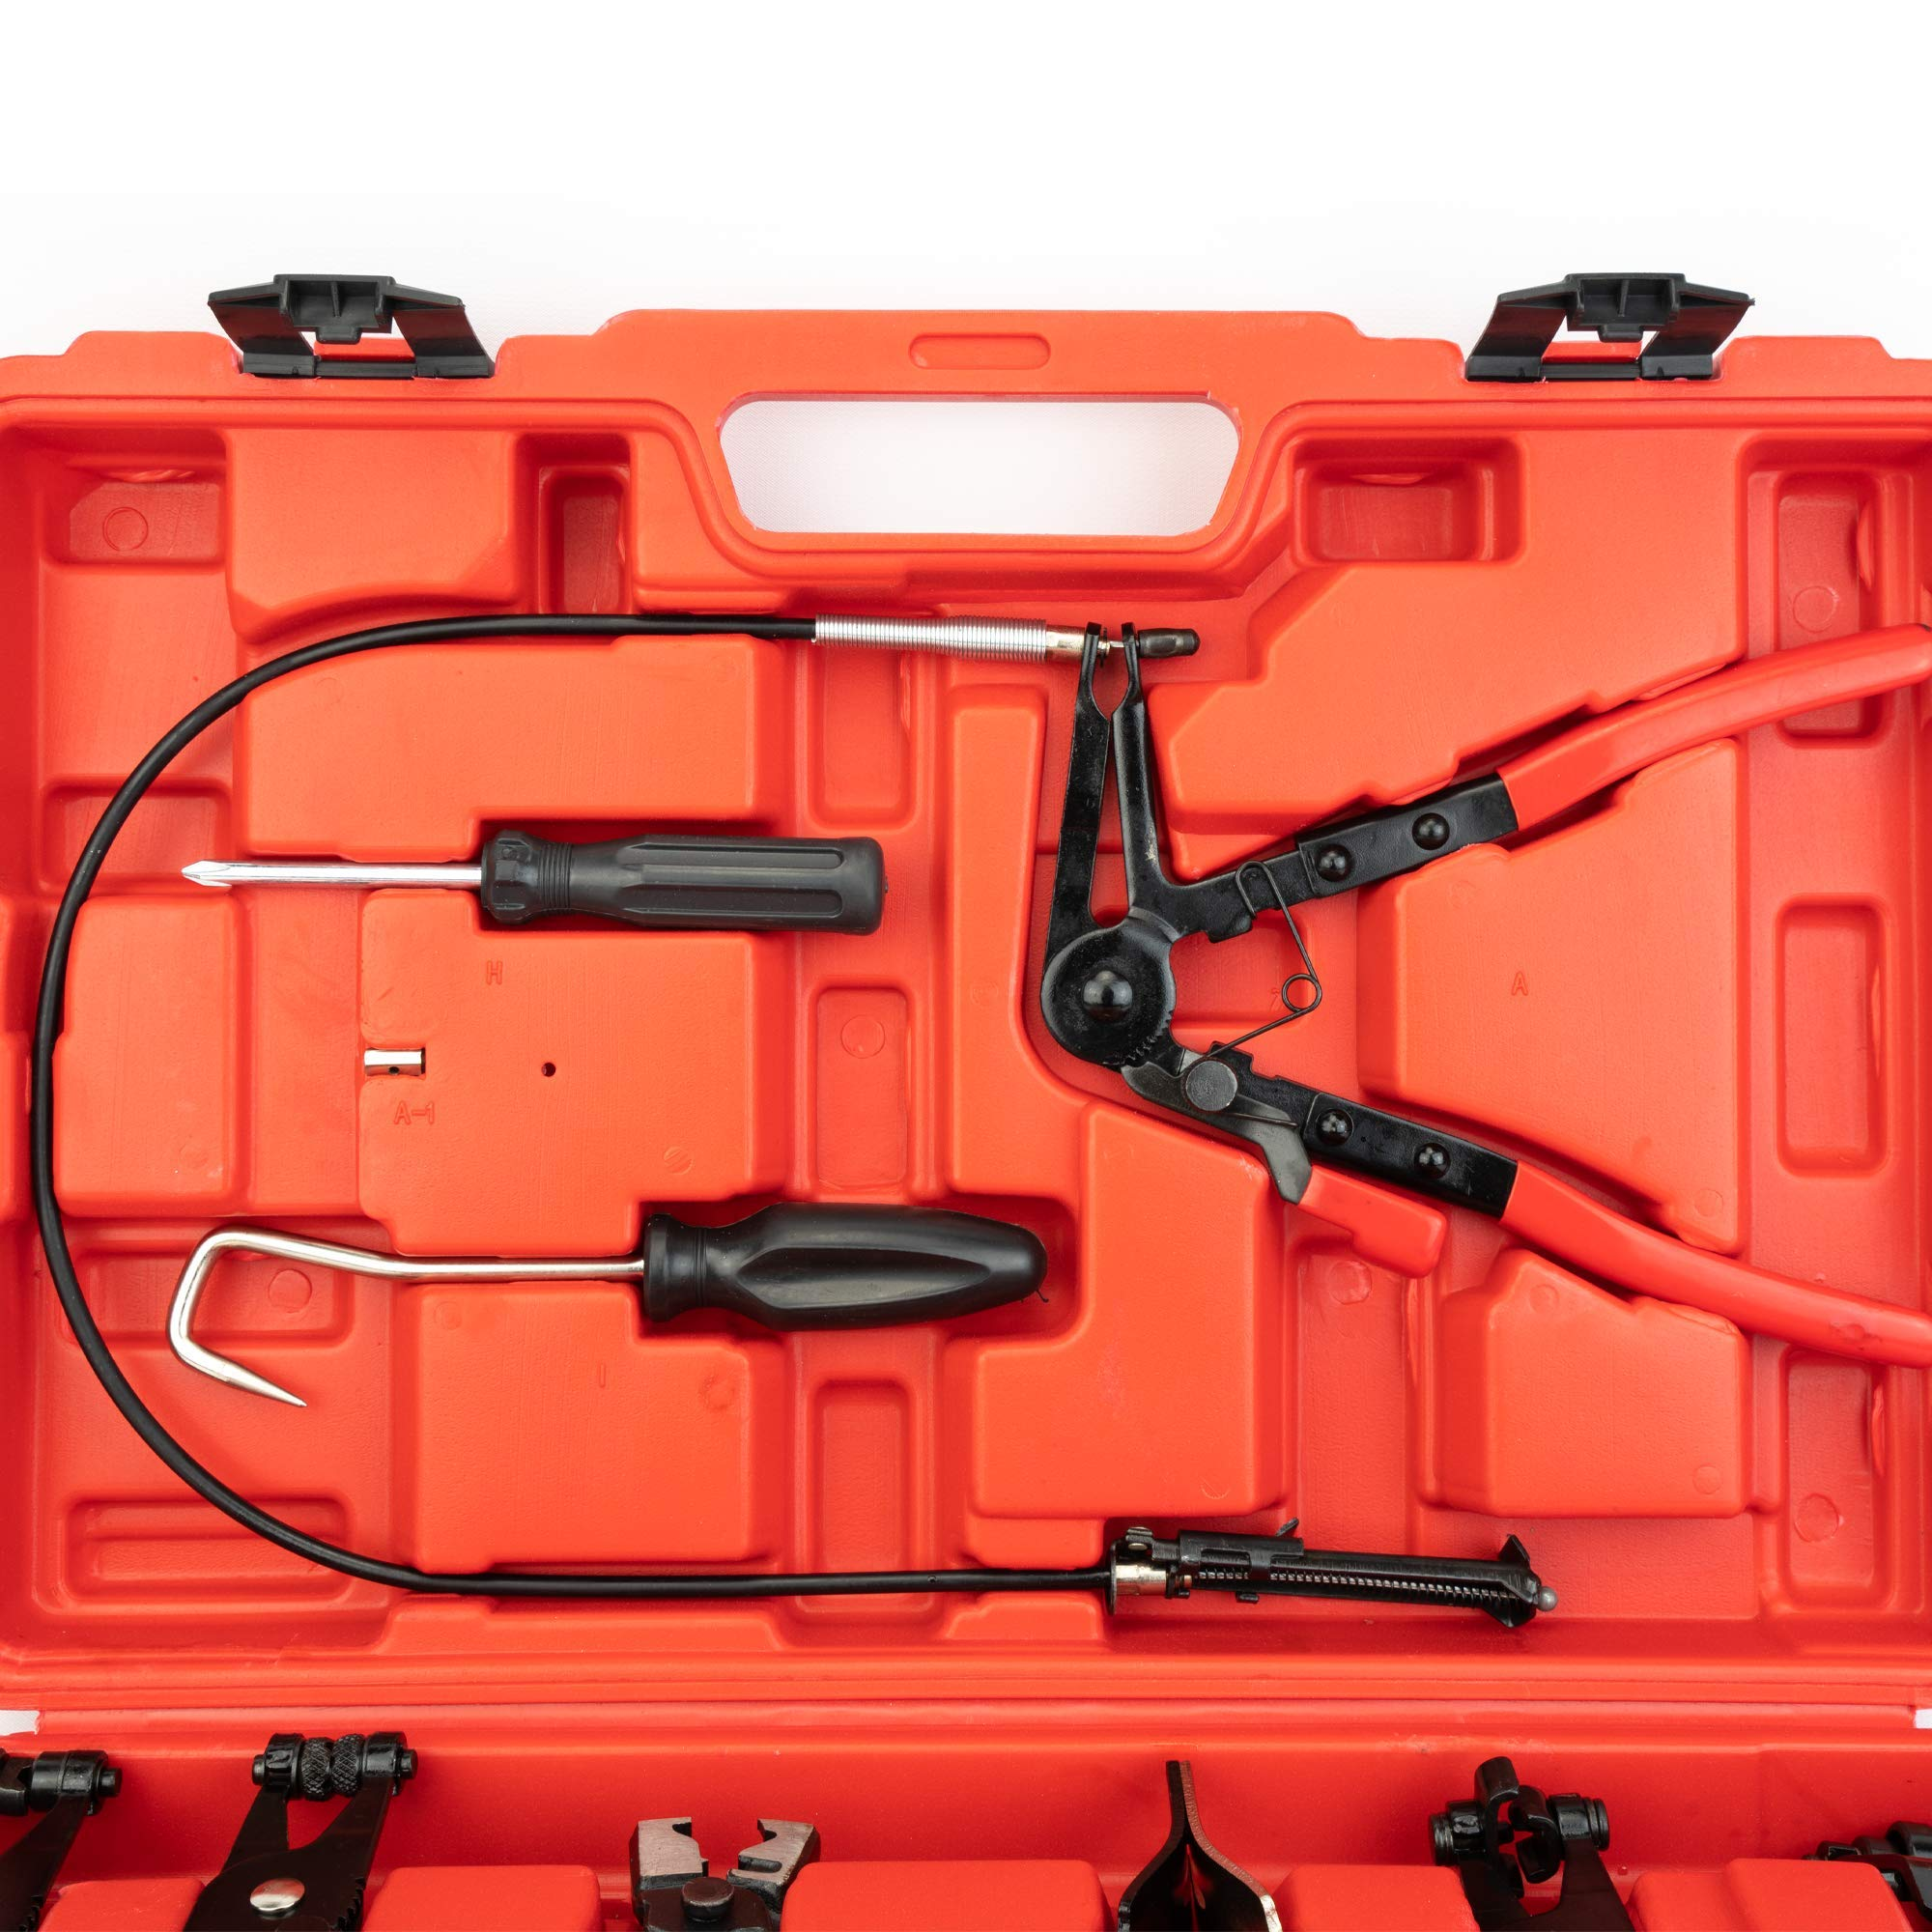 Delray Auto Parts 9pc Hose Plier Set by Delray Auto Parts (Image #5)